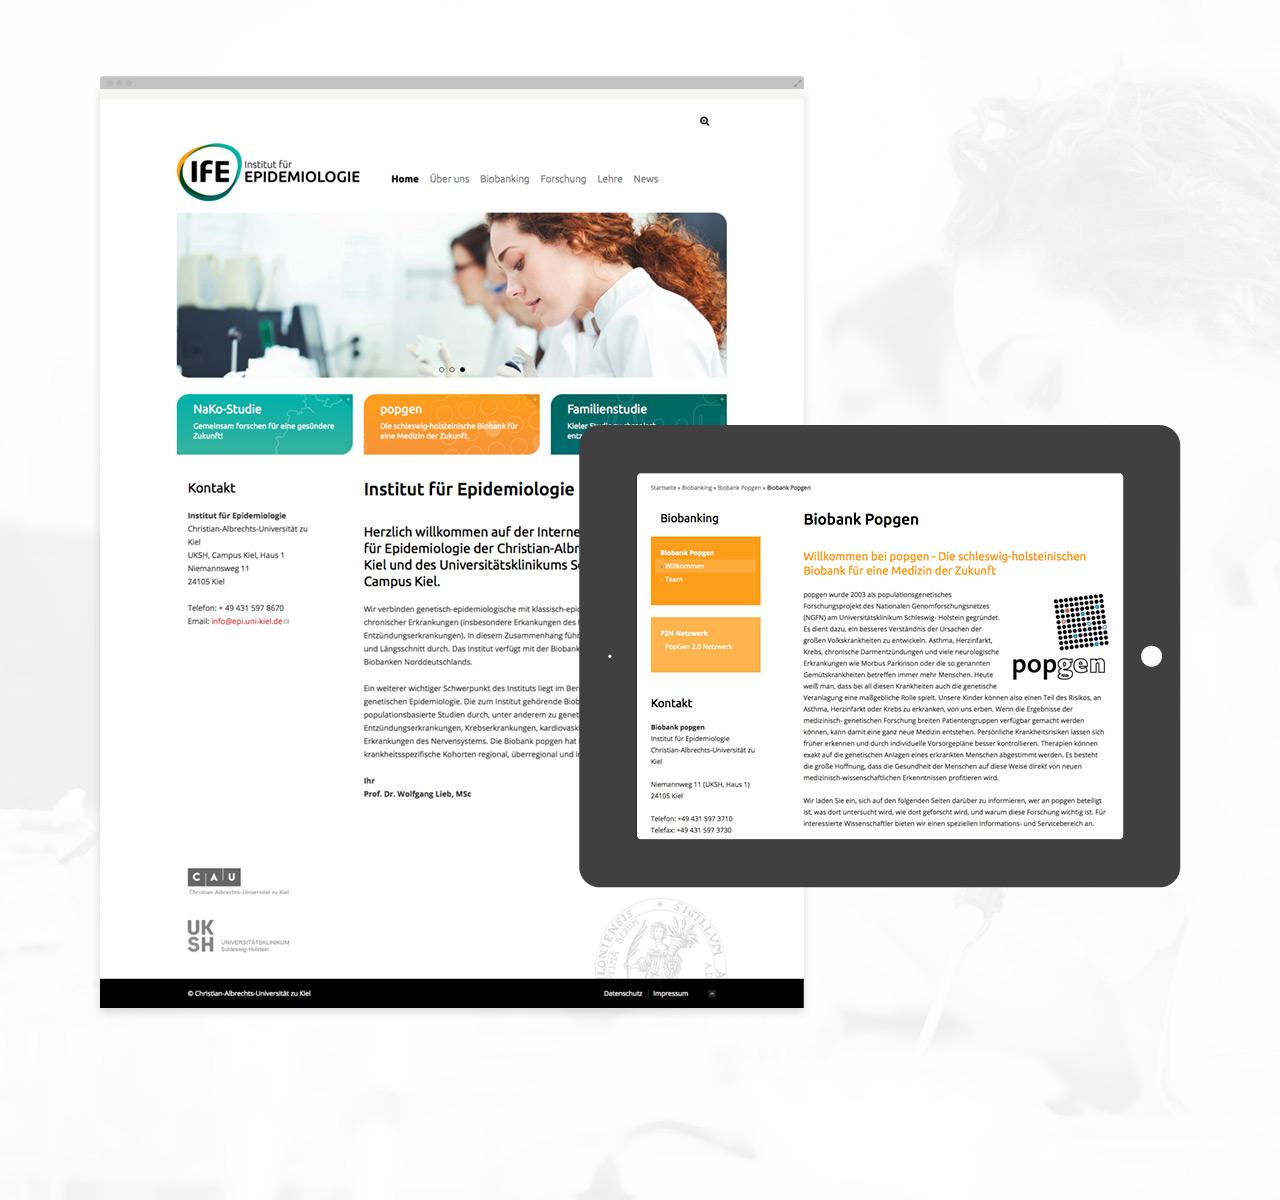 Institut für Epidemiologie - Inhalt im Fokus der Gestaltung